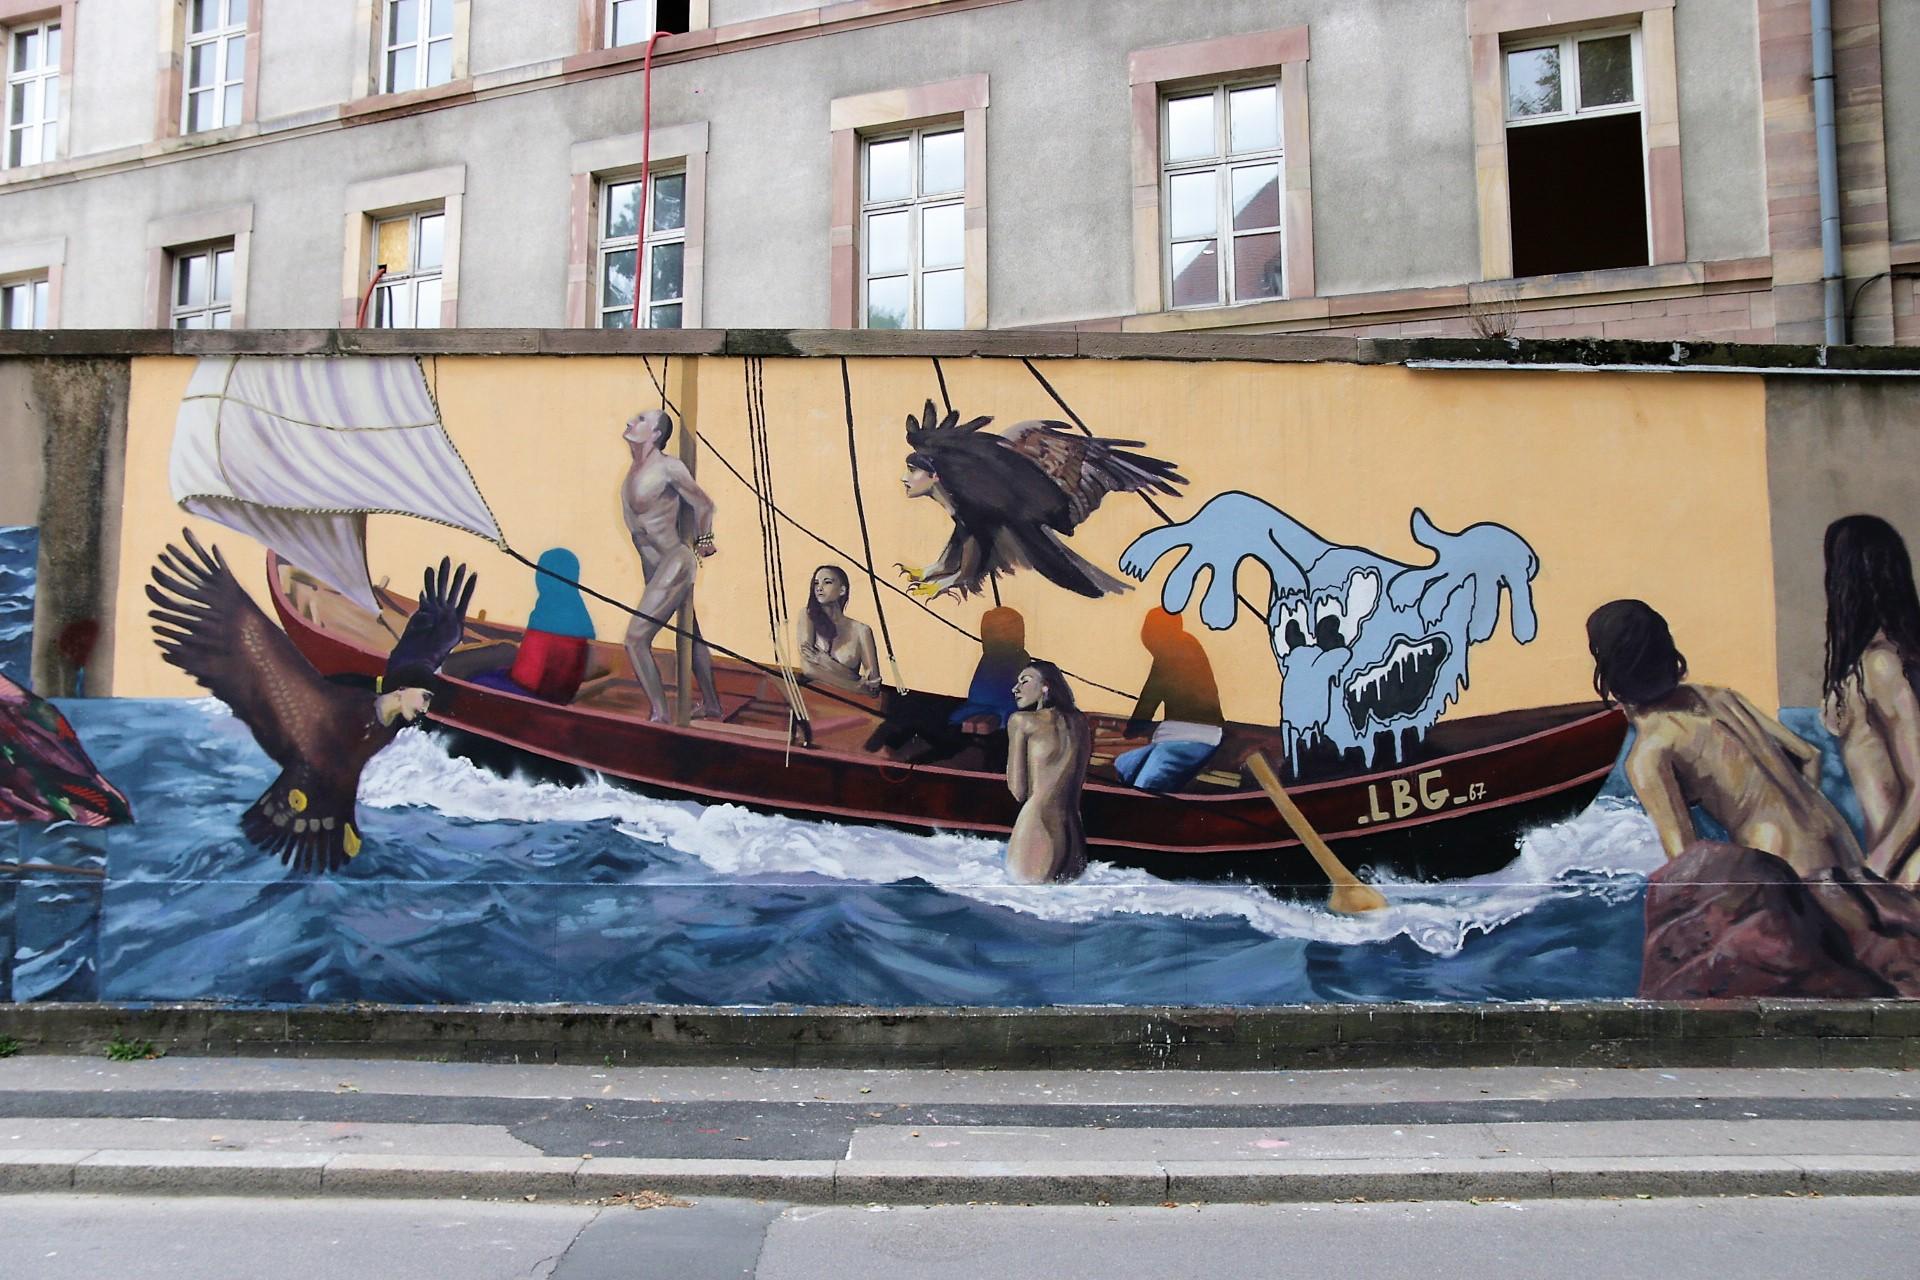 Peindre Une Fresque Sur Un Mur strasbourg : les murs de la manufacture s'habillent d'une